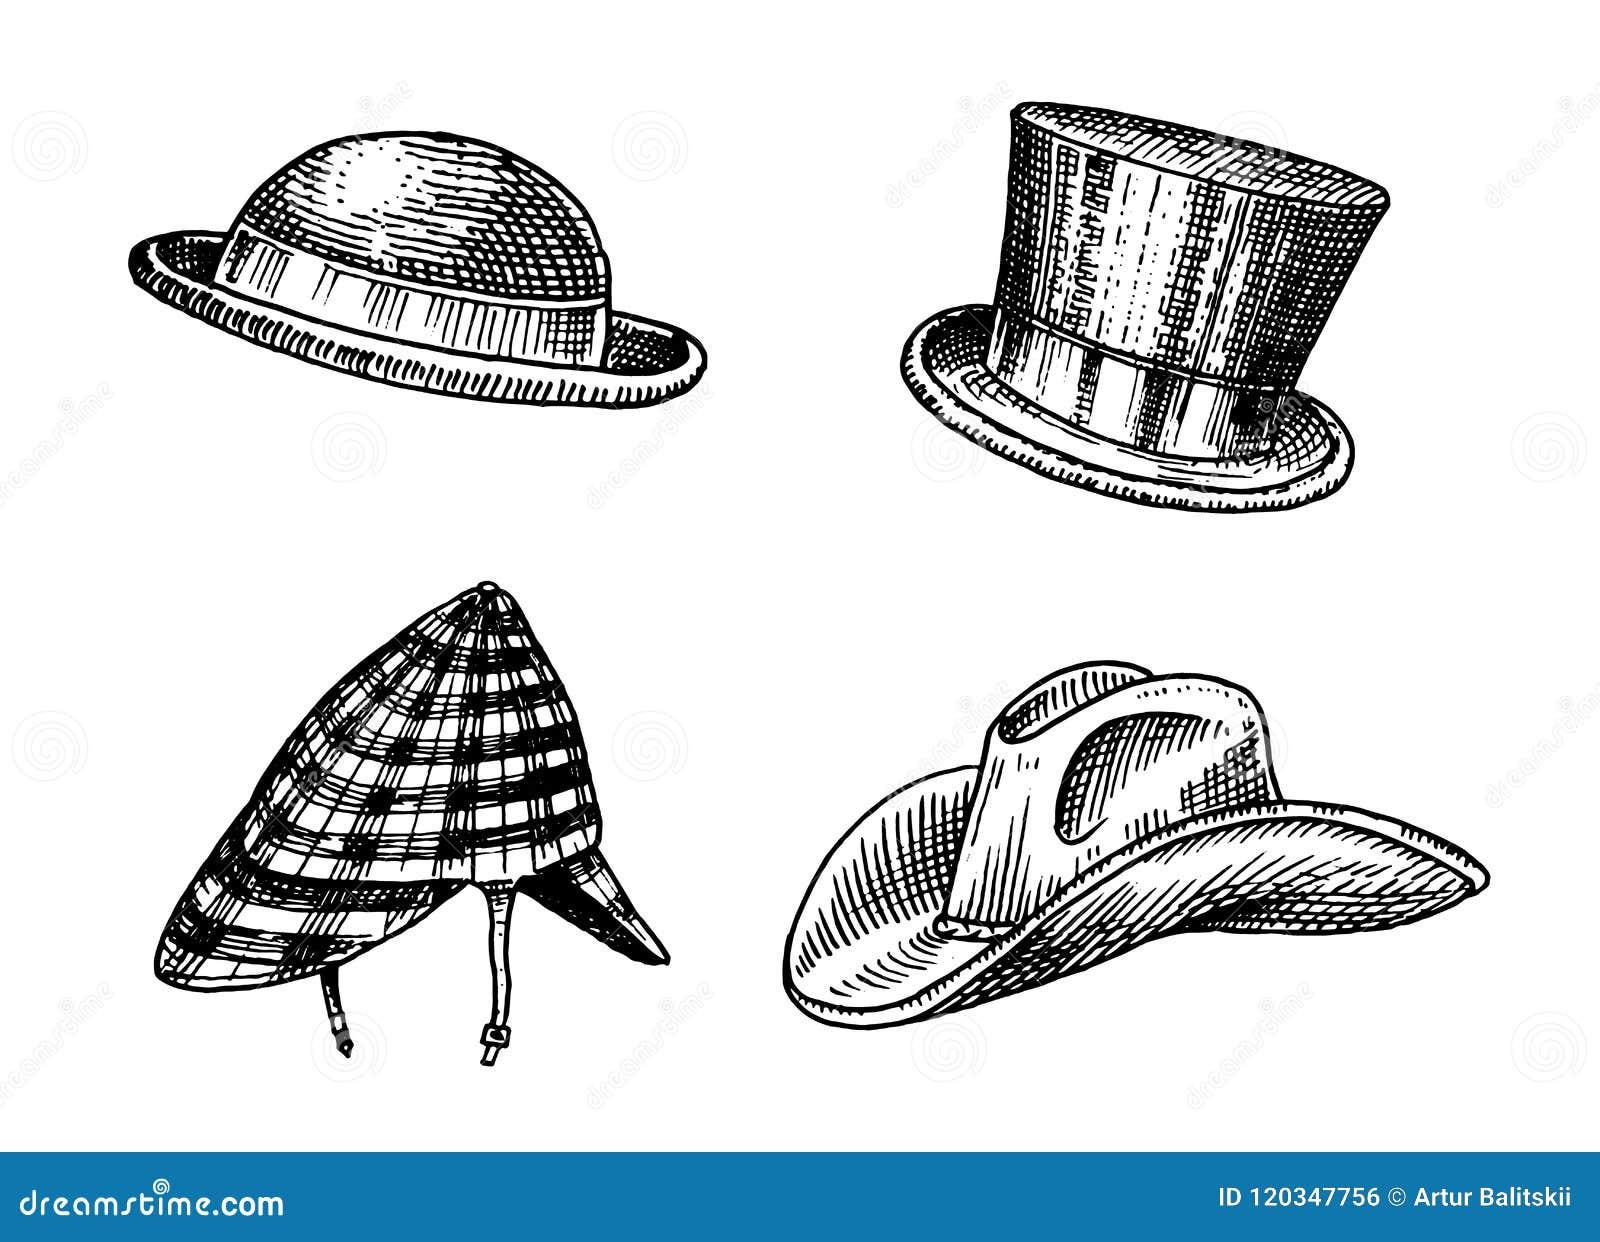 f9c6380779fc7 Summer vintage Hats collection for elegant men. Fedora Derby Deerstalker  Homburg Bowler Straw Beret Captain Cowboy Porkpie Boater Peaked cap.